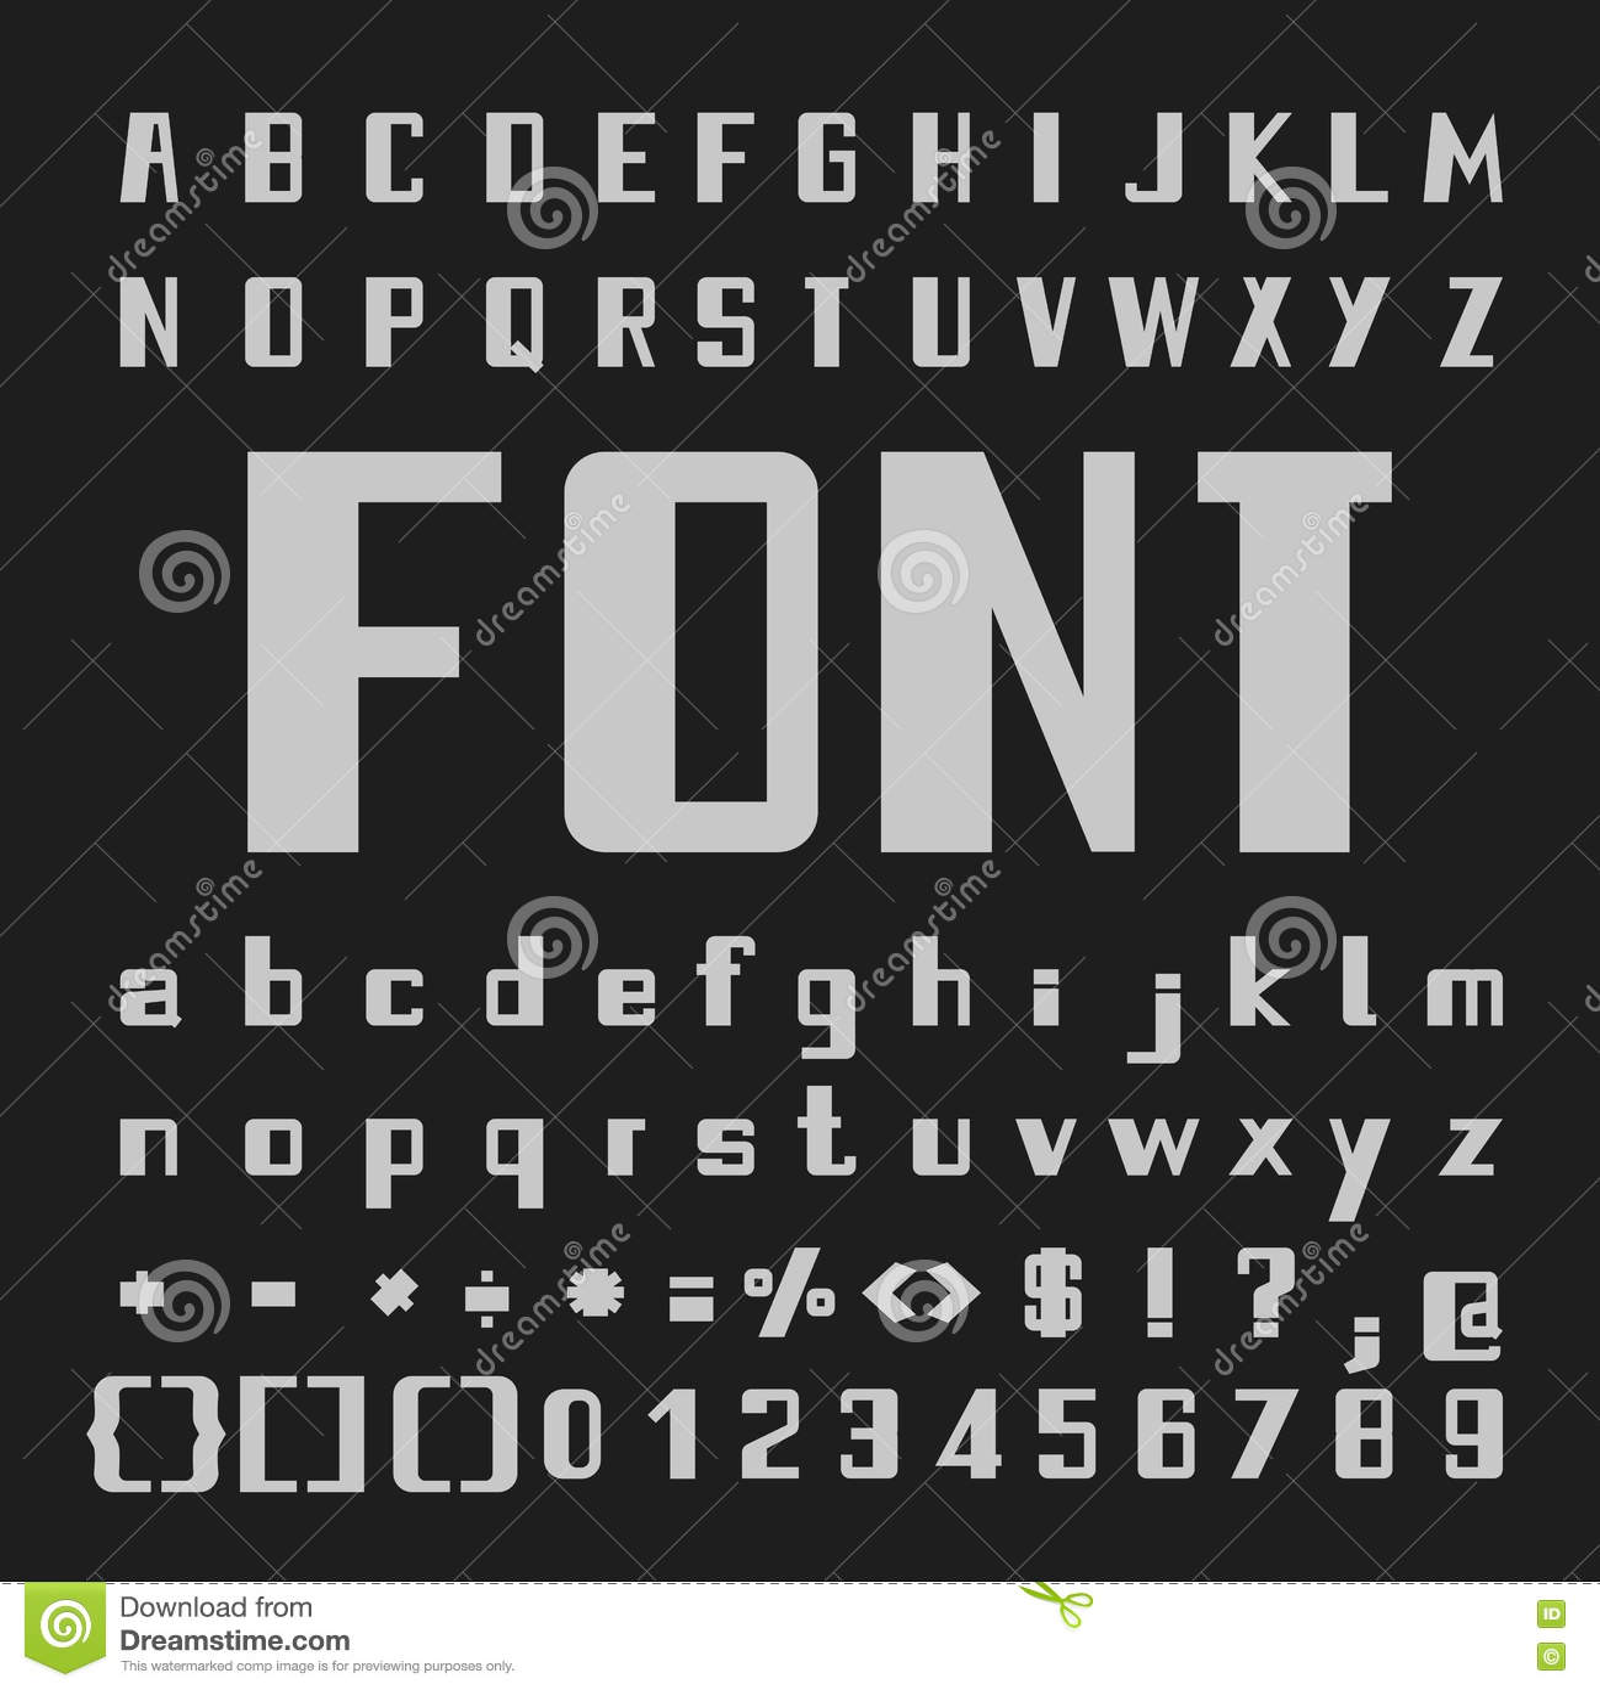 Bold stylish alphabets catalog photo